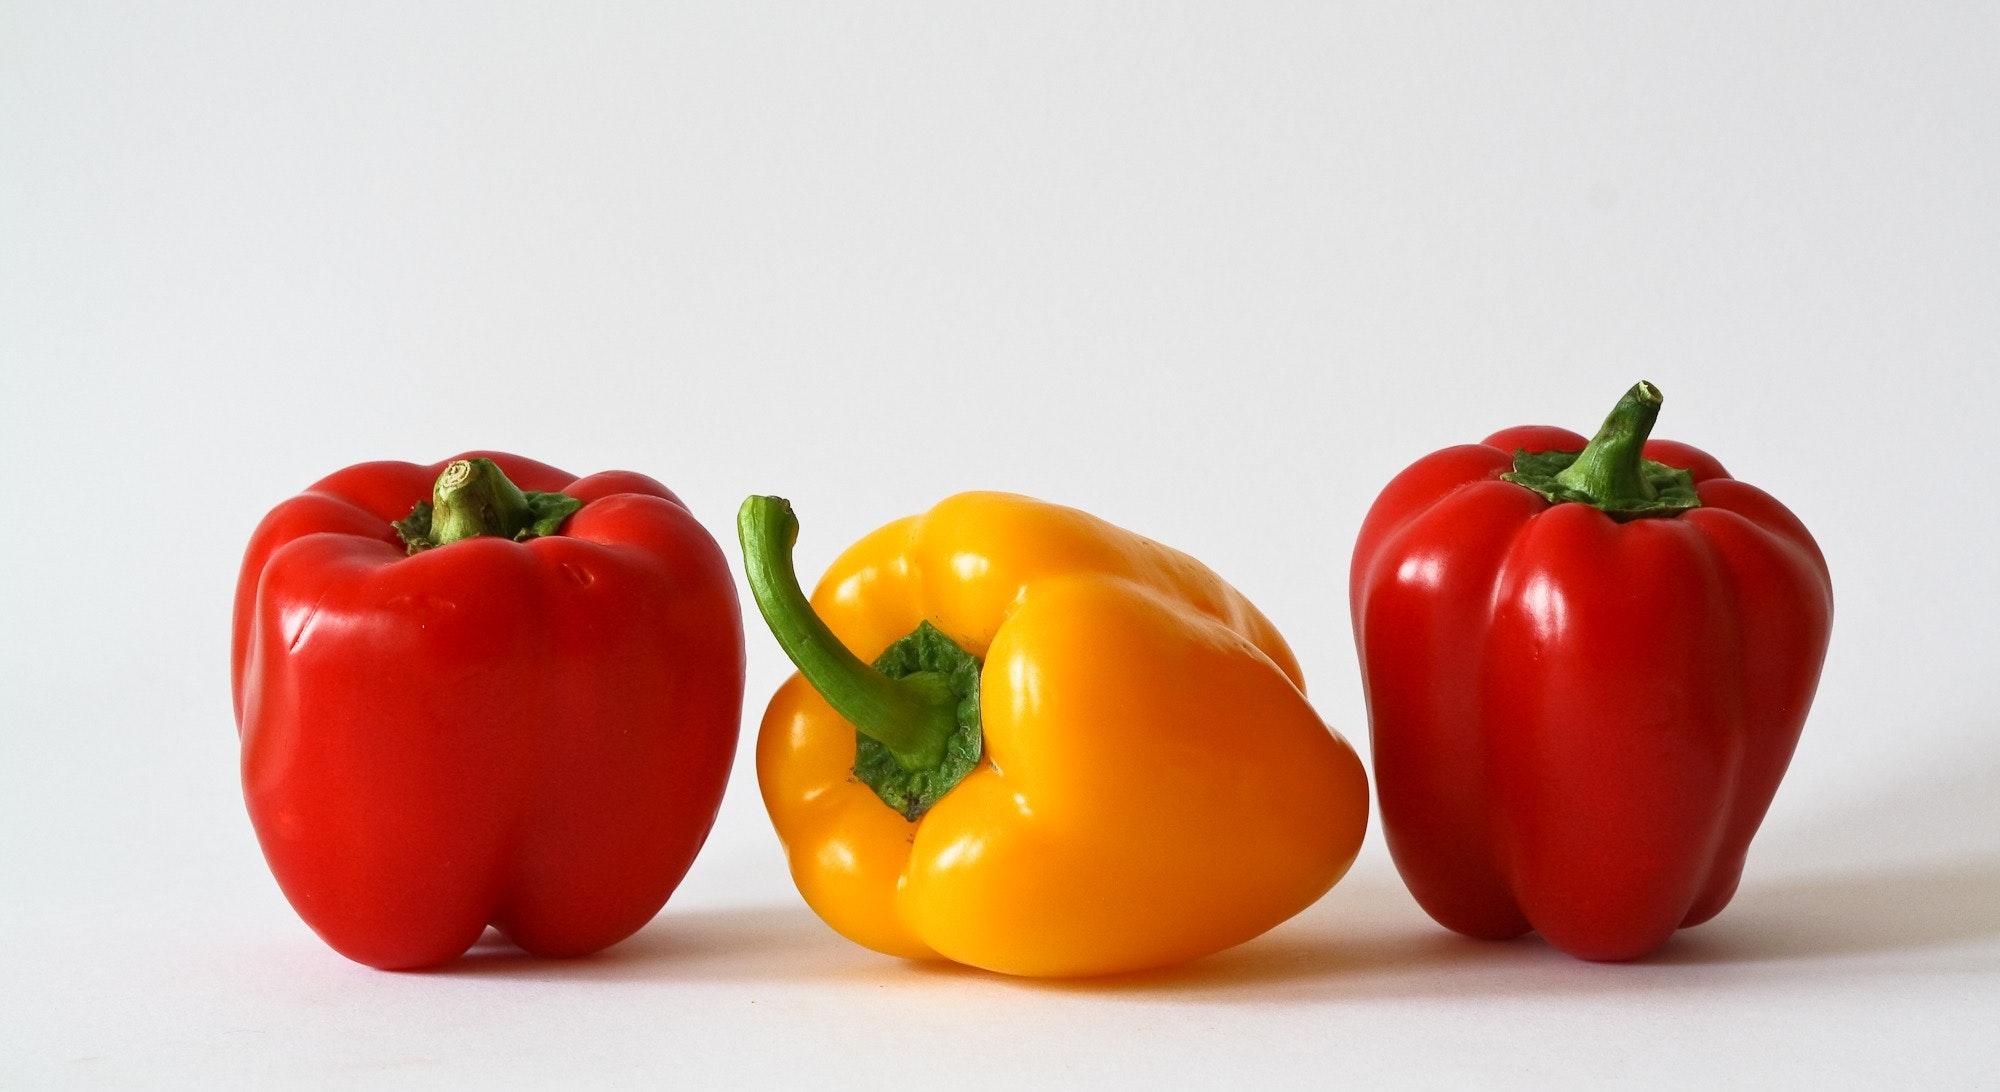 bell-peppers-food-fruits-57426.jpg